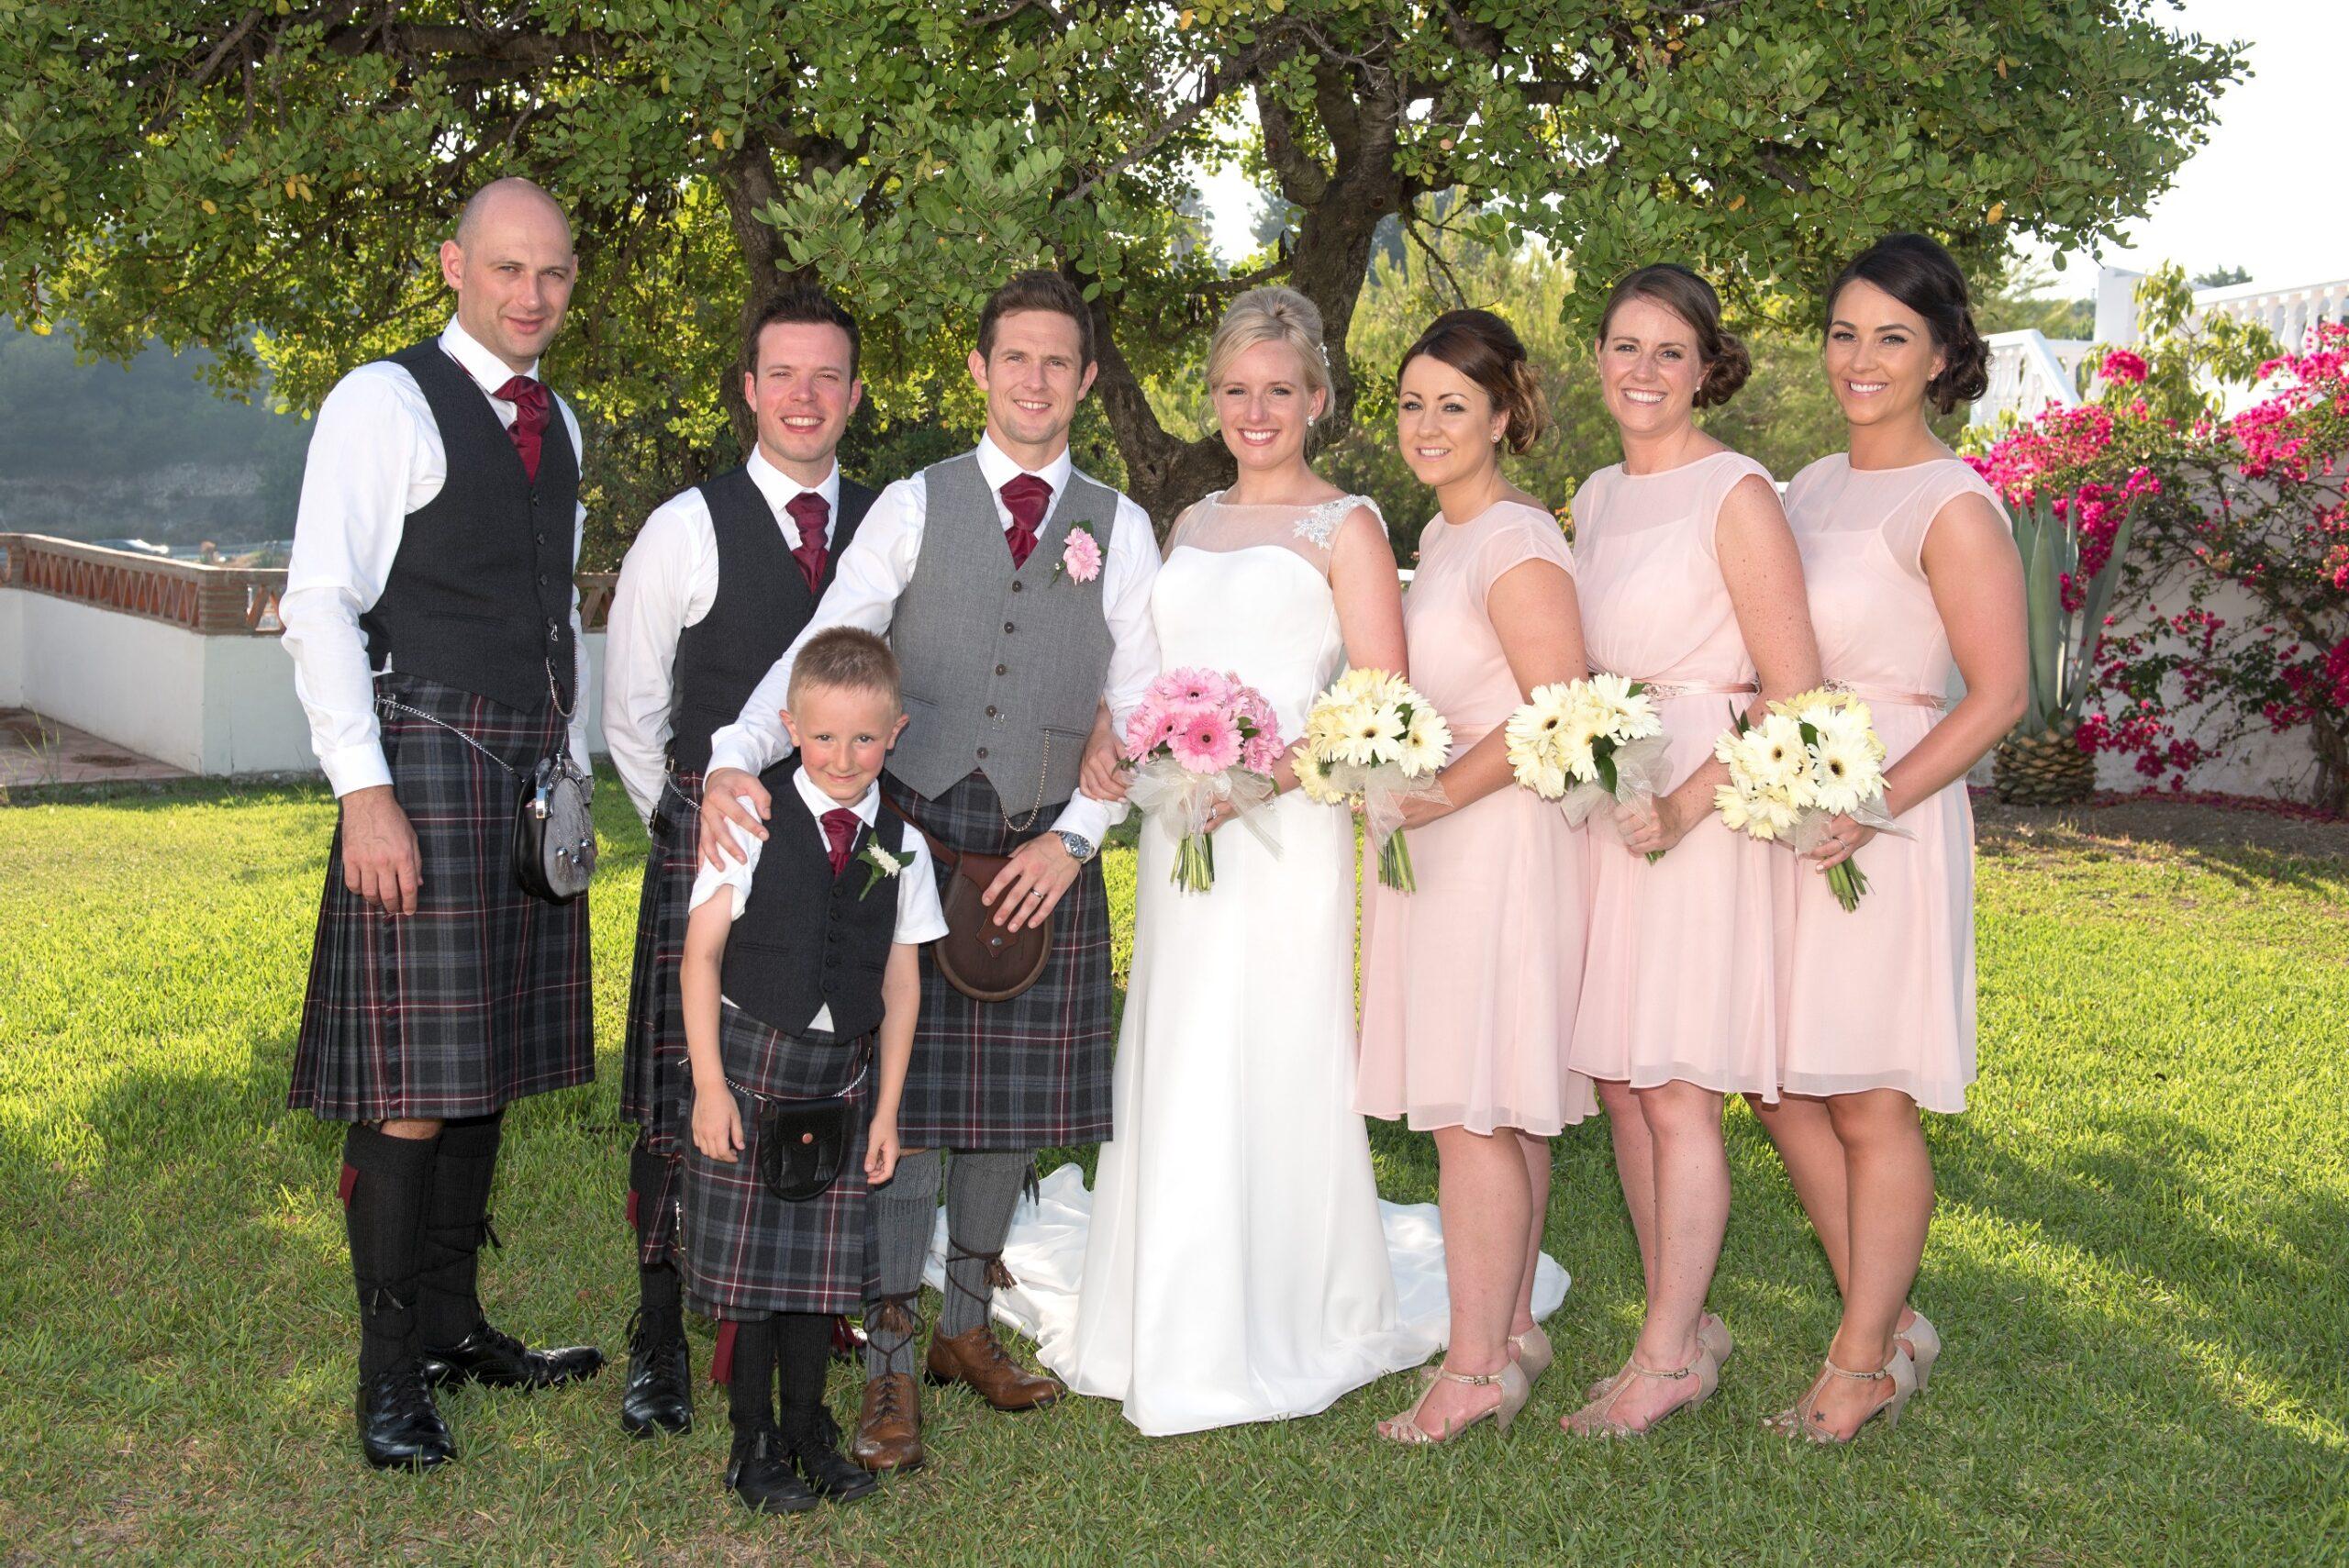 scottish wedding in Nerja Spain